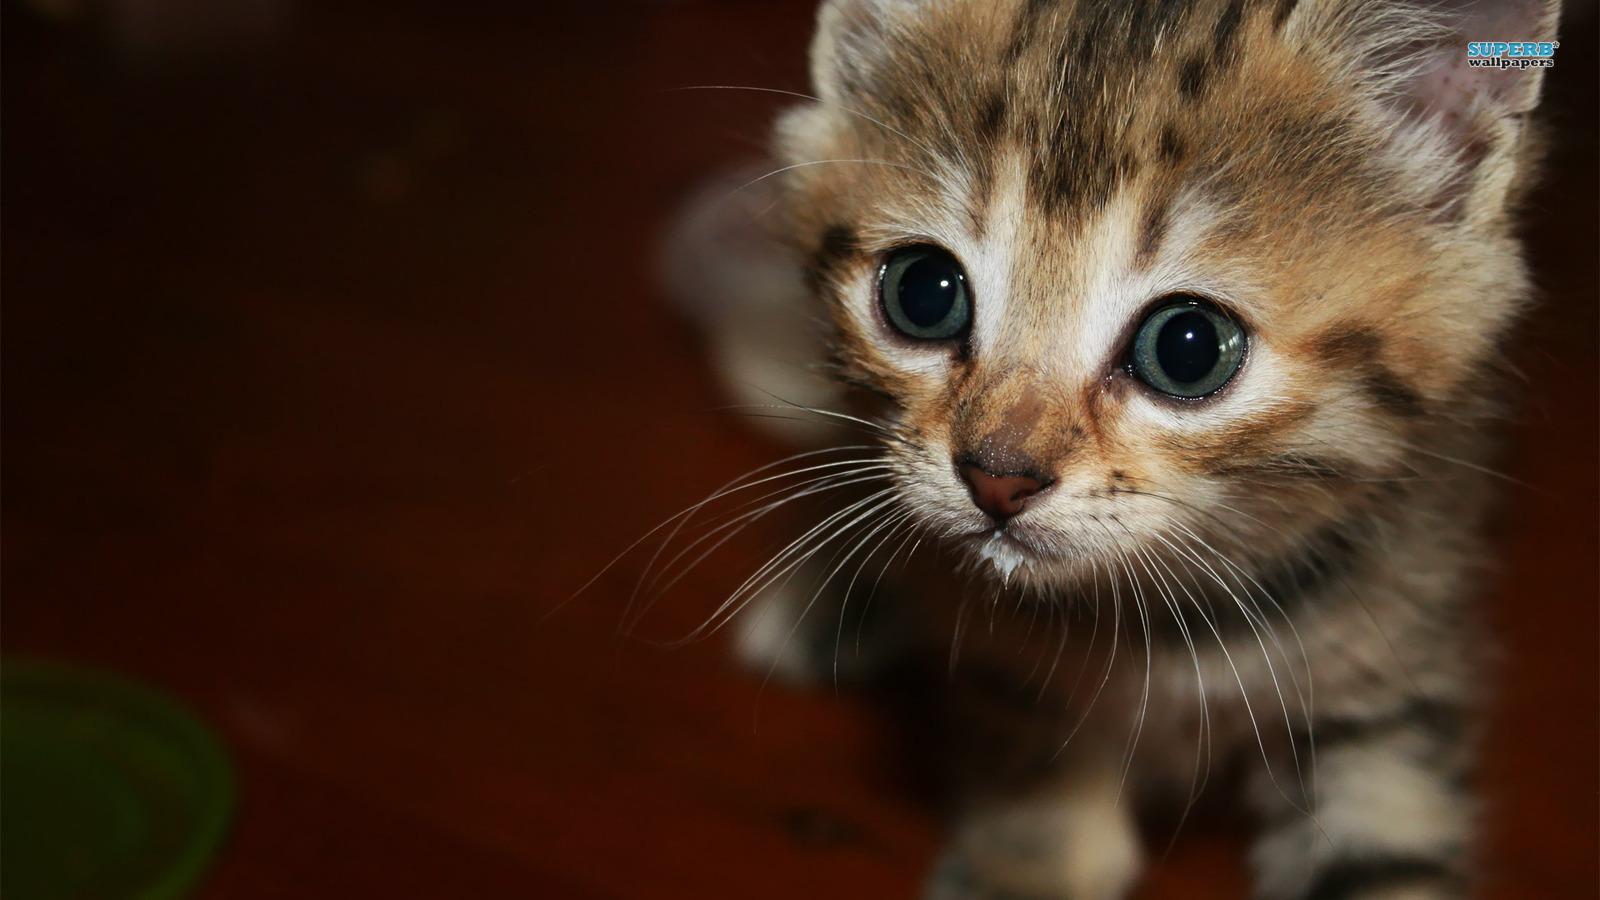 壁纸 动物 灵长目 猫 猫咪 小猫 桌面 1600_900